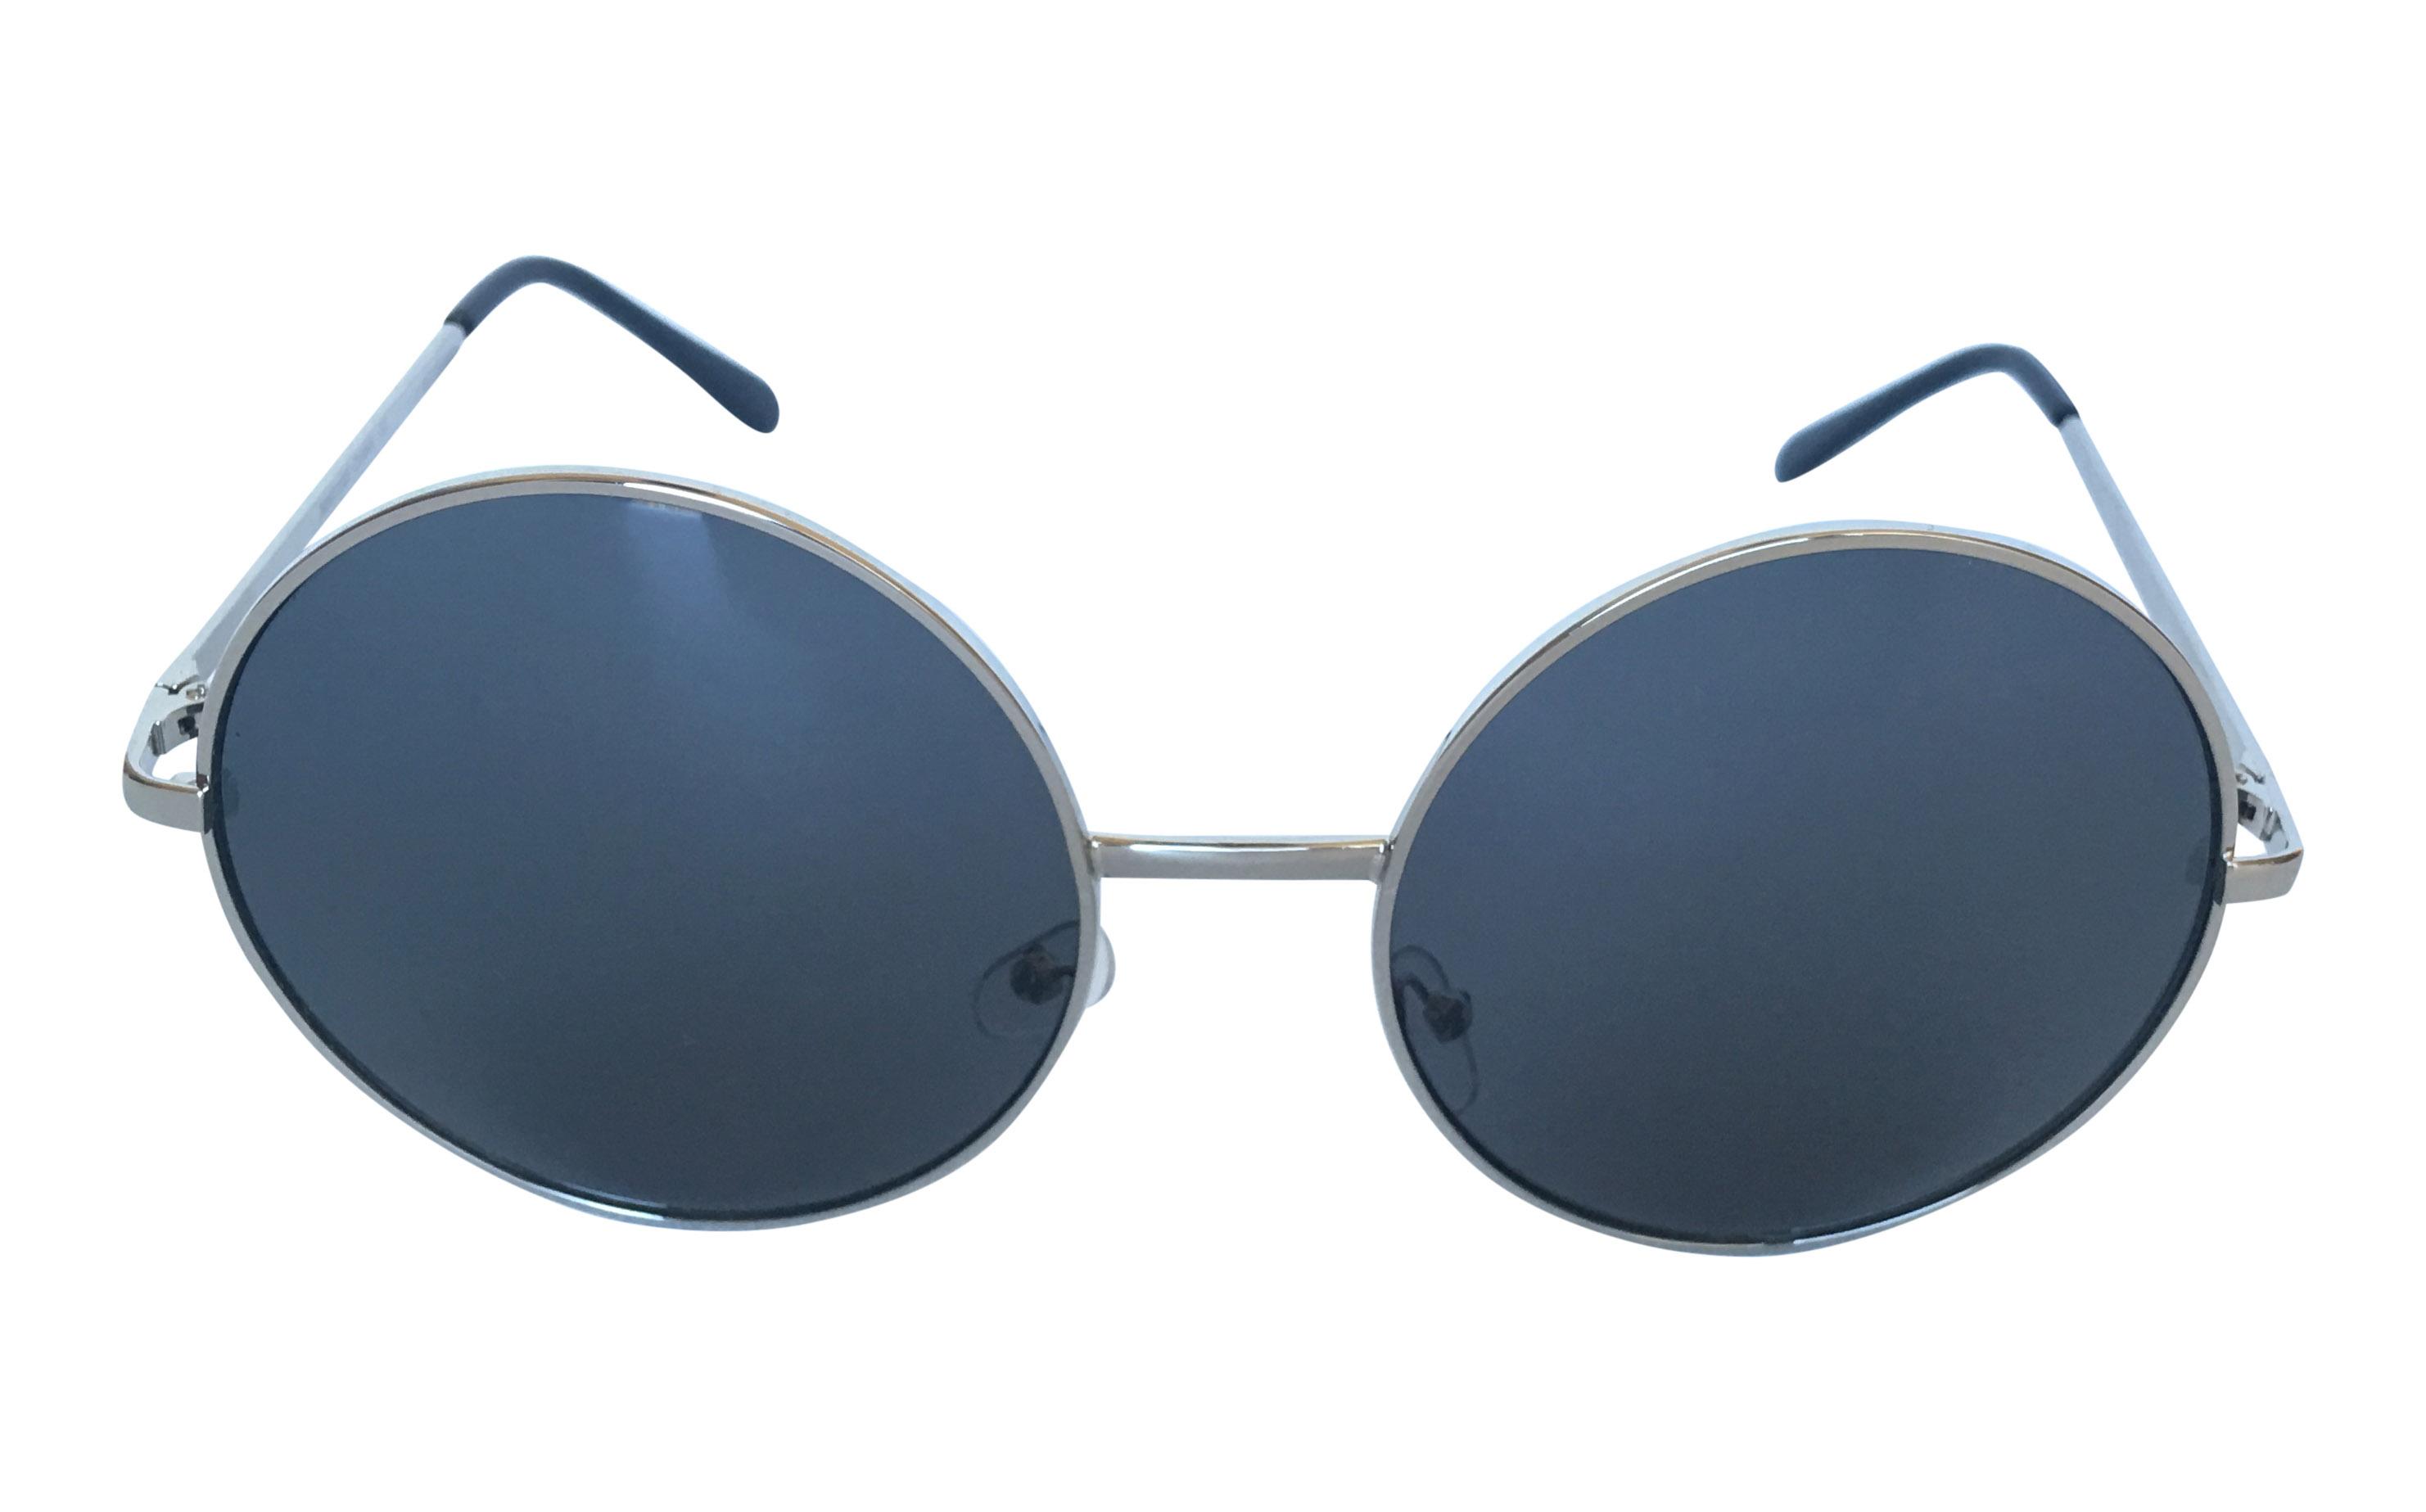 Billiga solglasögon online Sveriges största och billigaste